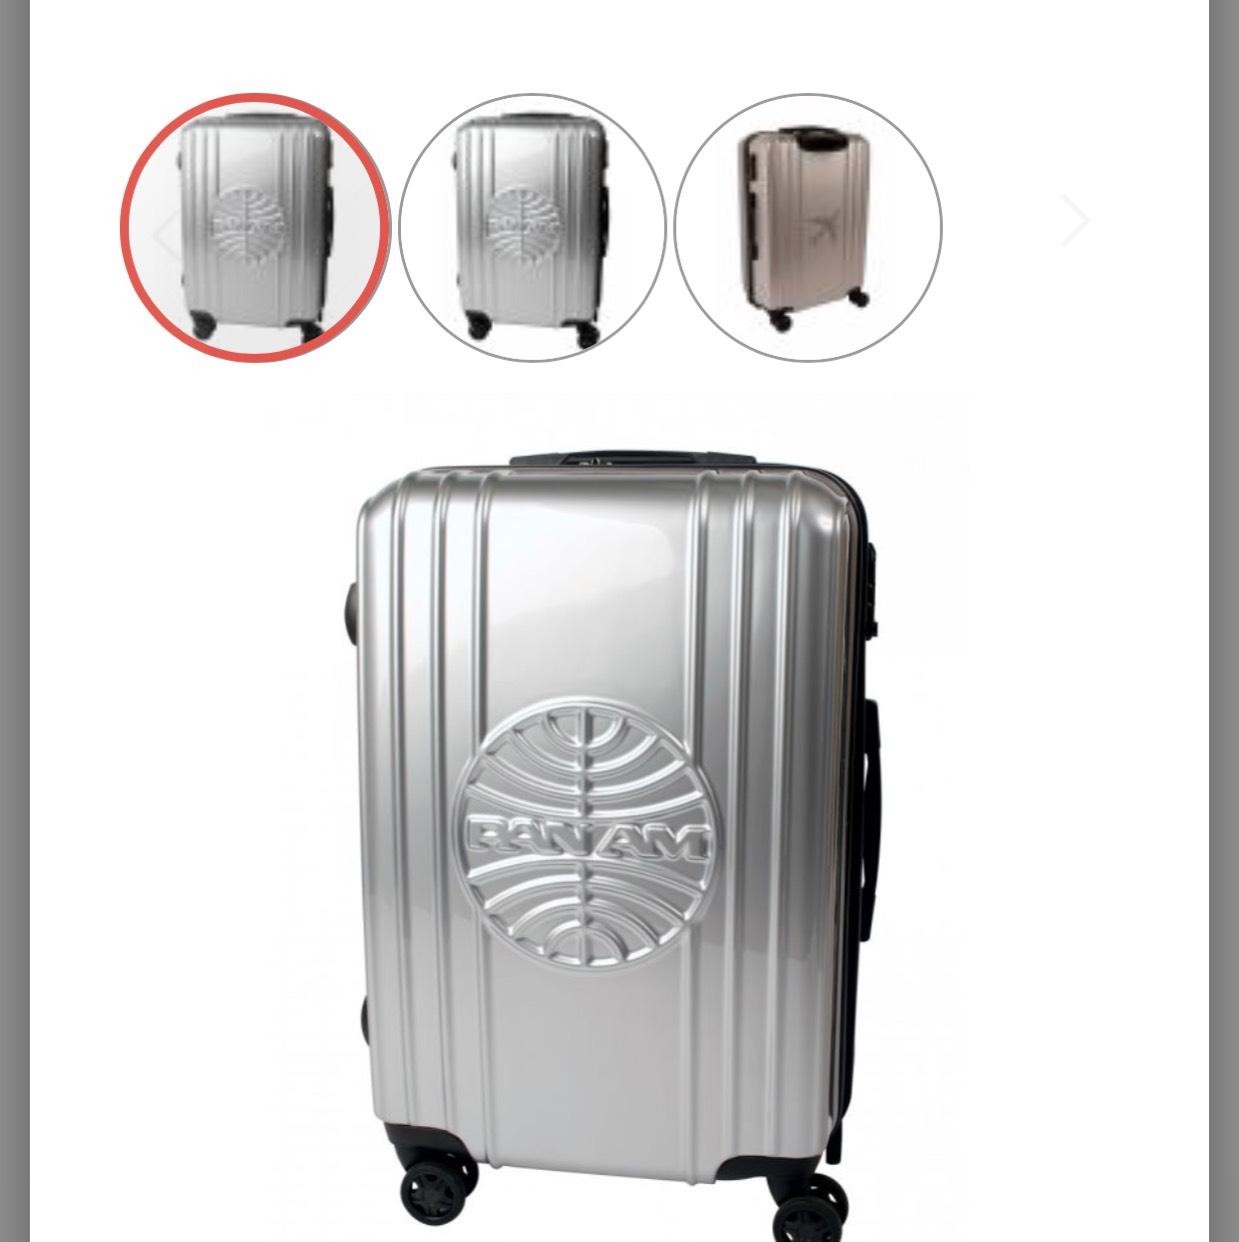 [top12.de] Reisegepäck und Zubehör – z.B. Pan Am Trolley Hartschalen-Koffer für 95,12€ (statt 249€)